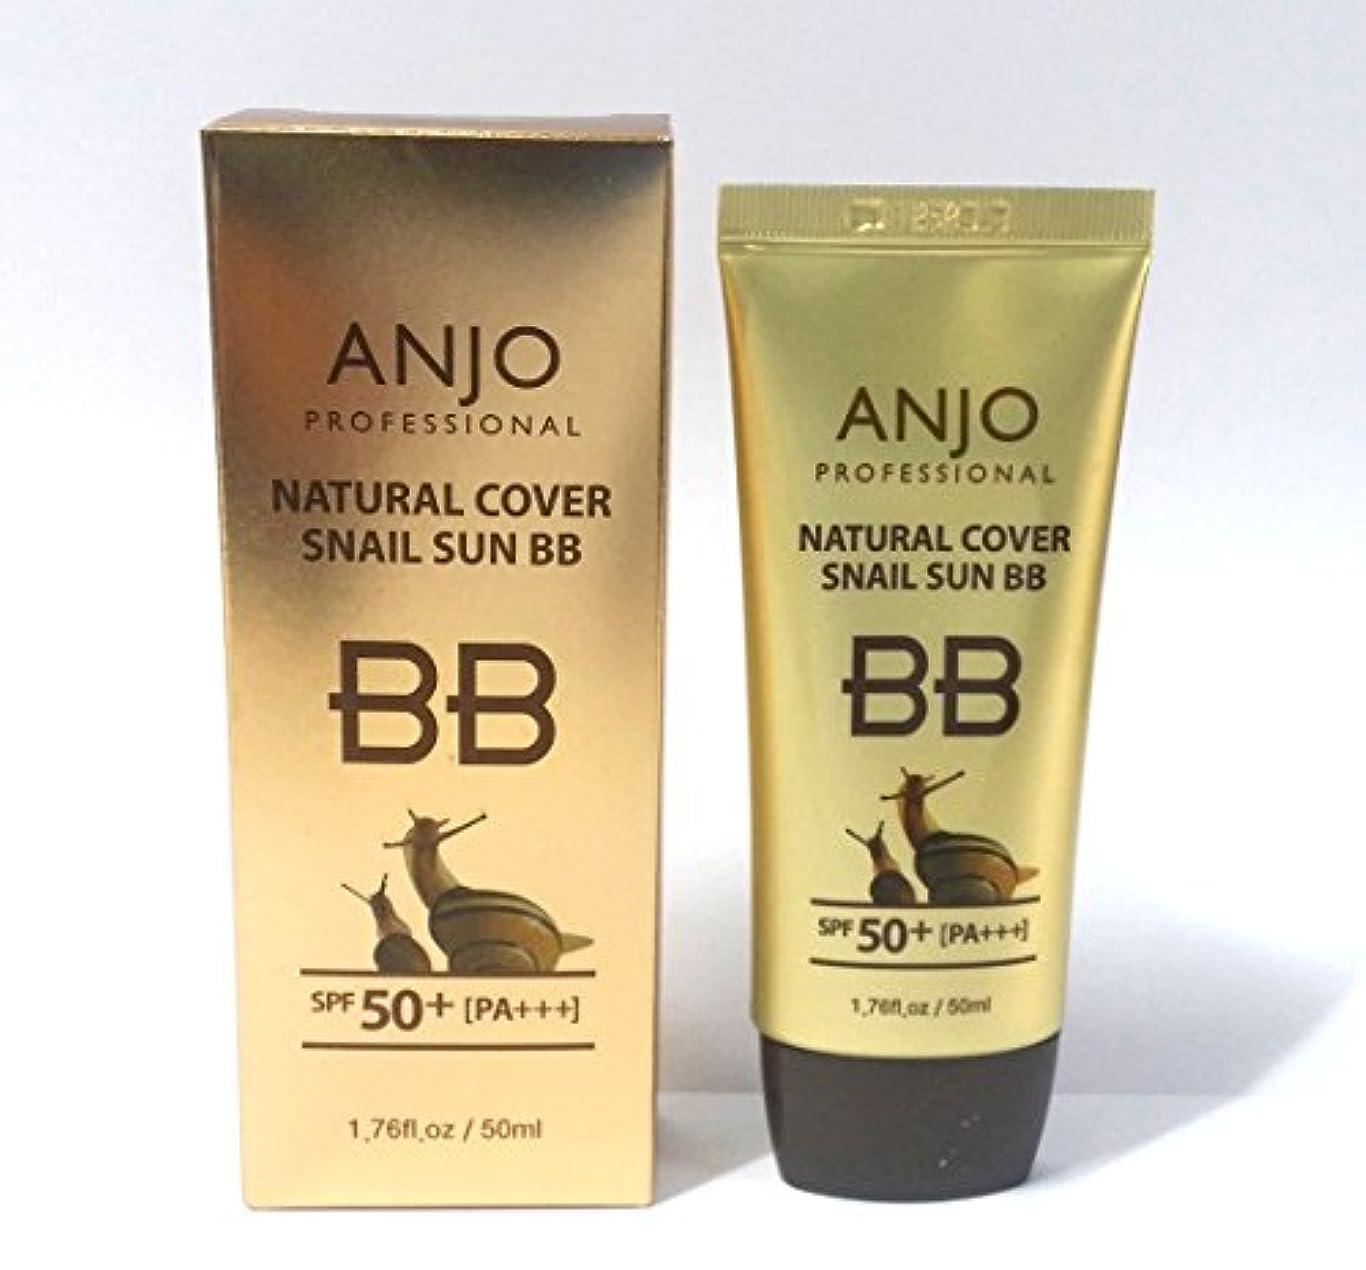 レジデンス化粧レール[ANJO] ナチュラルカバーカタツムリサンBBクリームSPF 50 + PA +++ 50ml X 1EA /メイクアップベース/カタツムリ粘液 / Natural Cover Snail Sun BB Cream SPF 50+PA+++ 50ml X 1EA / Makeup Base / Snail Mucus / 韓国化粧品 / Korean Cosmetics [並行輸入品]